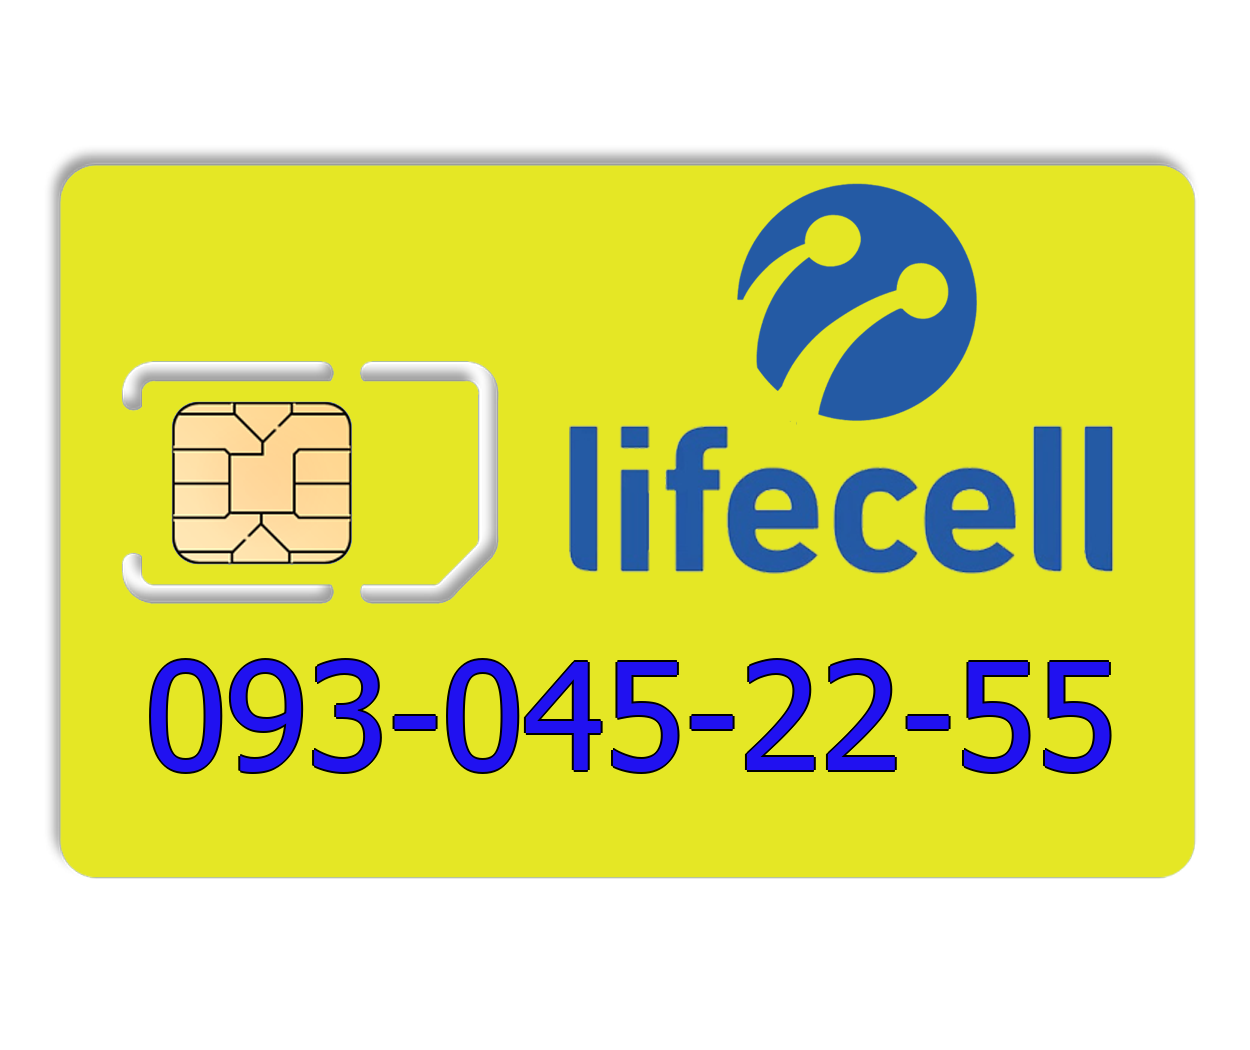 Красивый номер lifecell 093-045-22-55